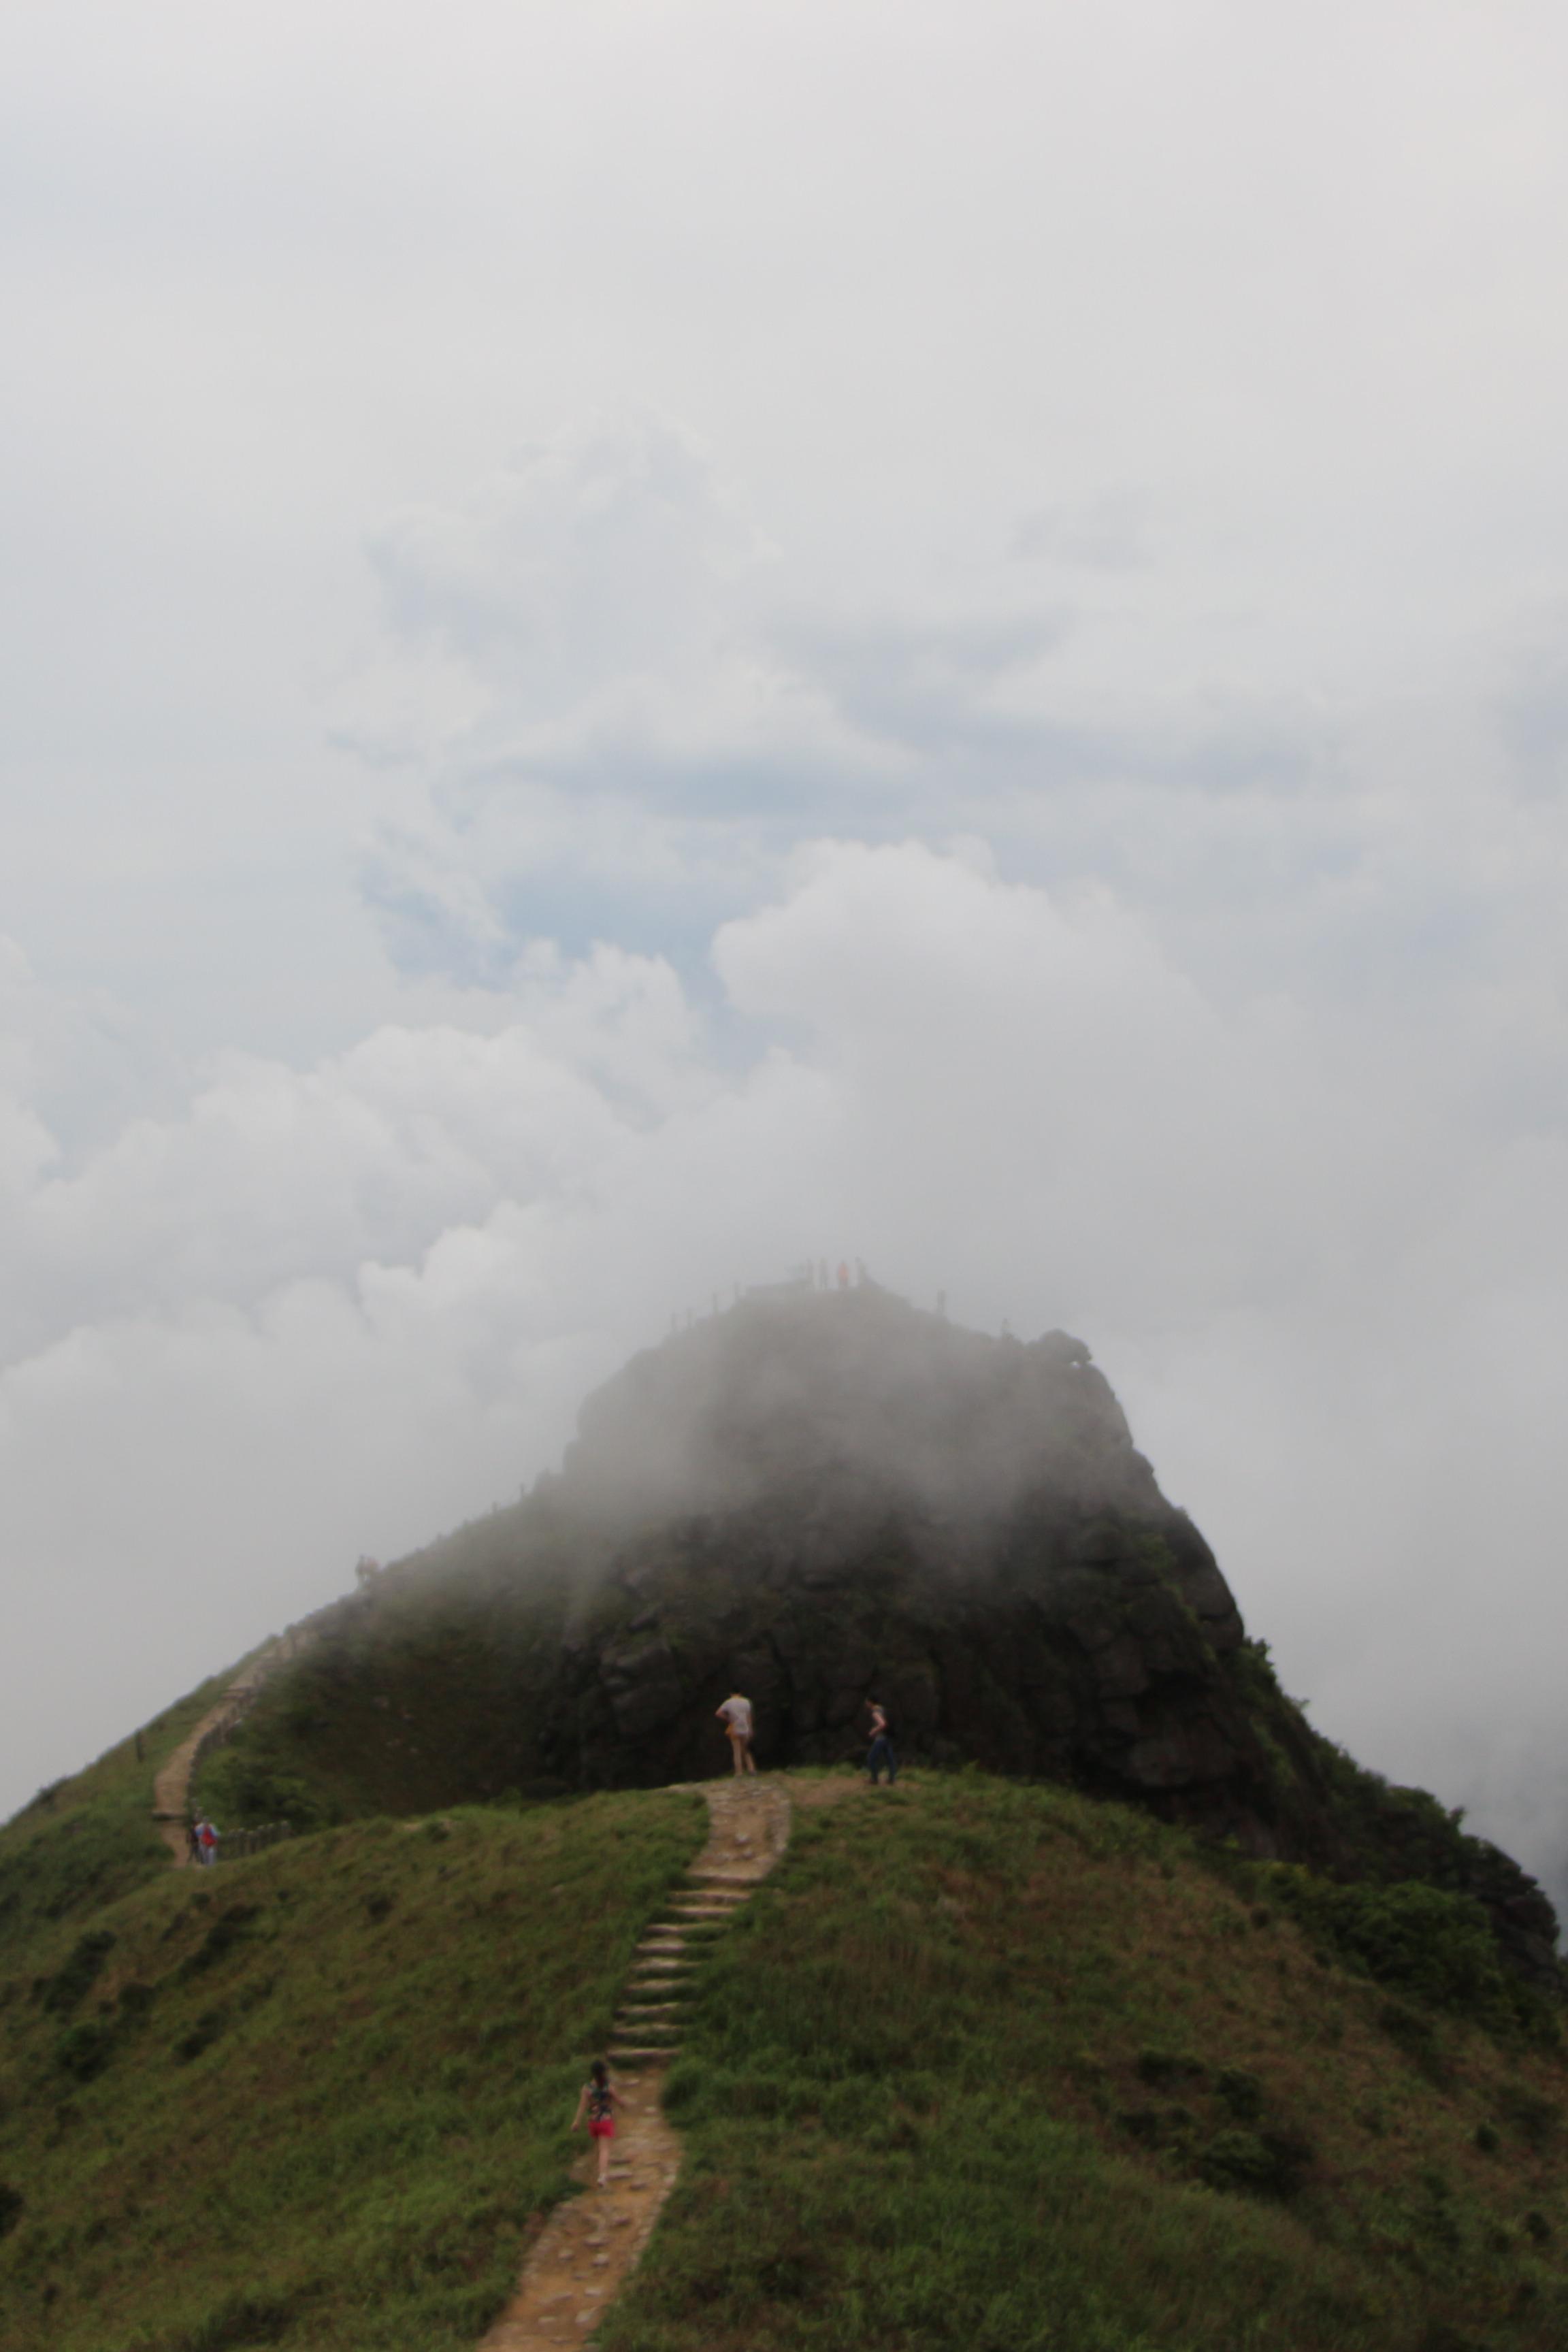 七娘山穿越,观赏山海之间的云层变化,享受山野乐趣